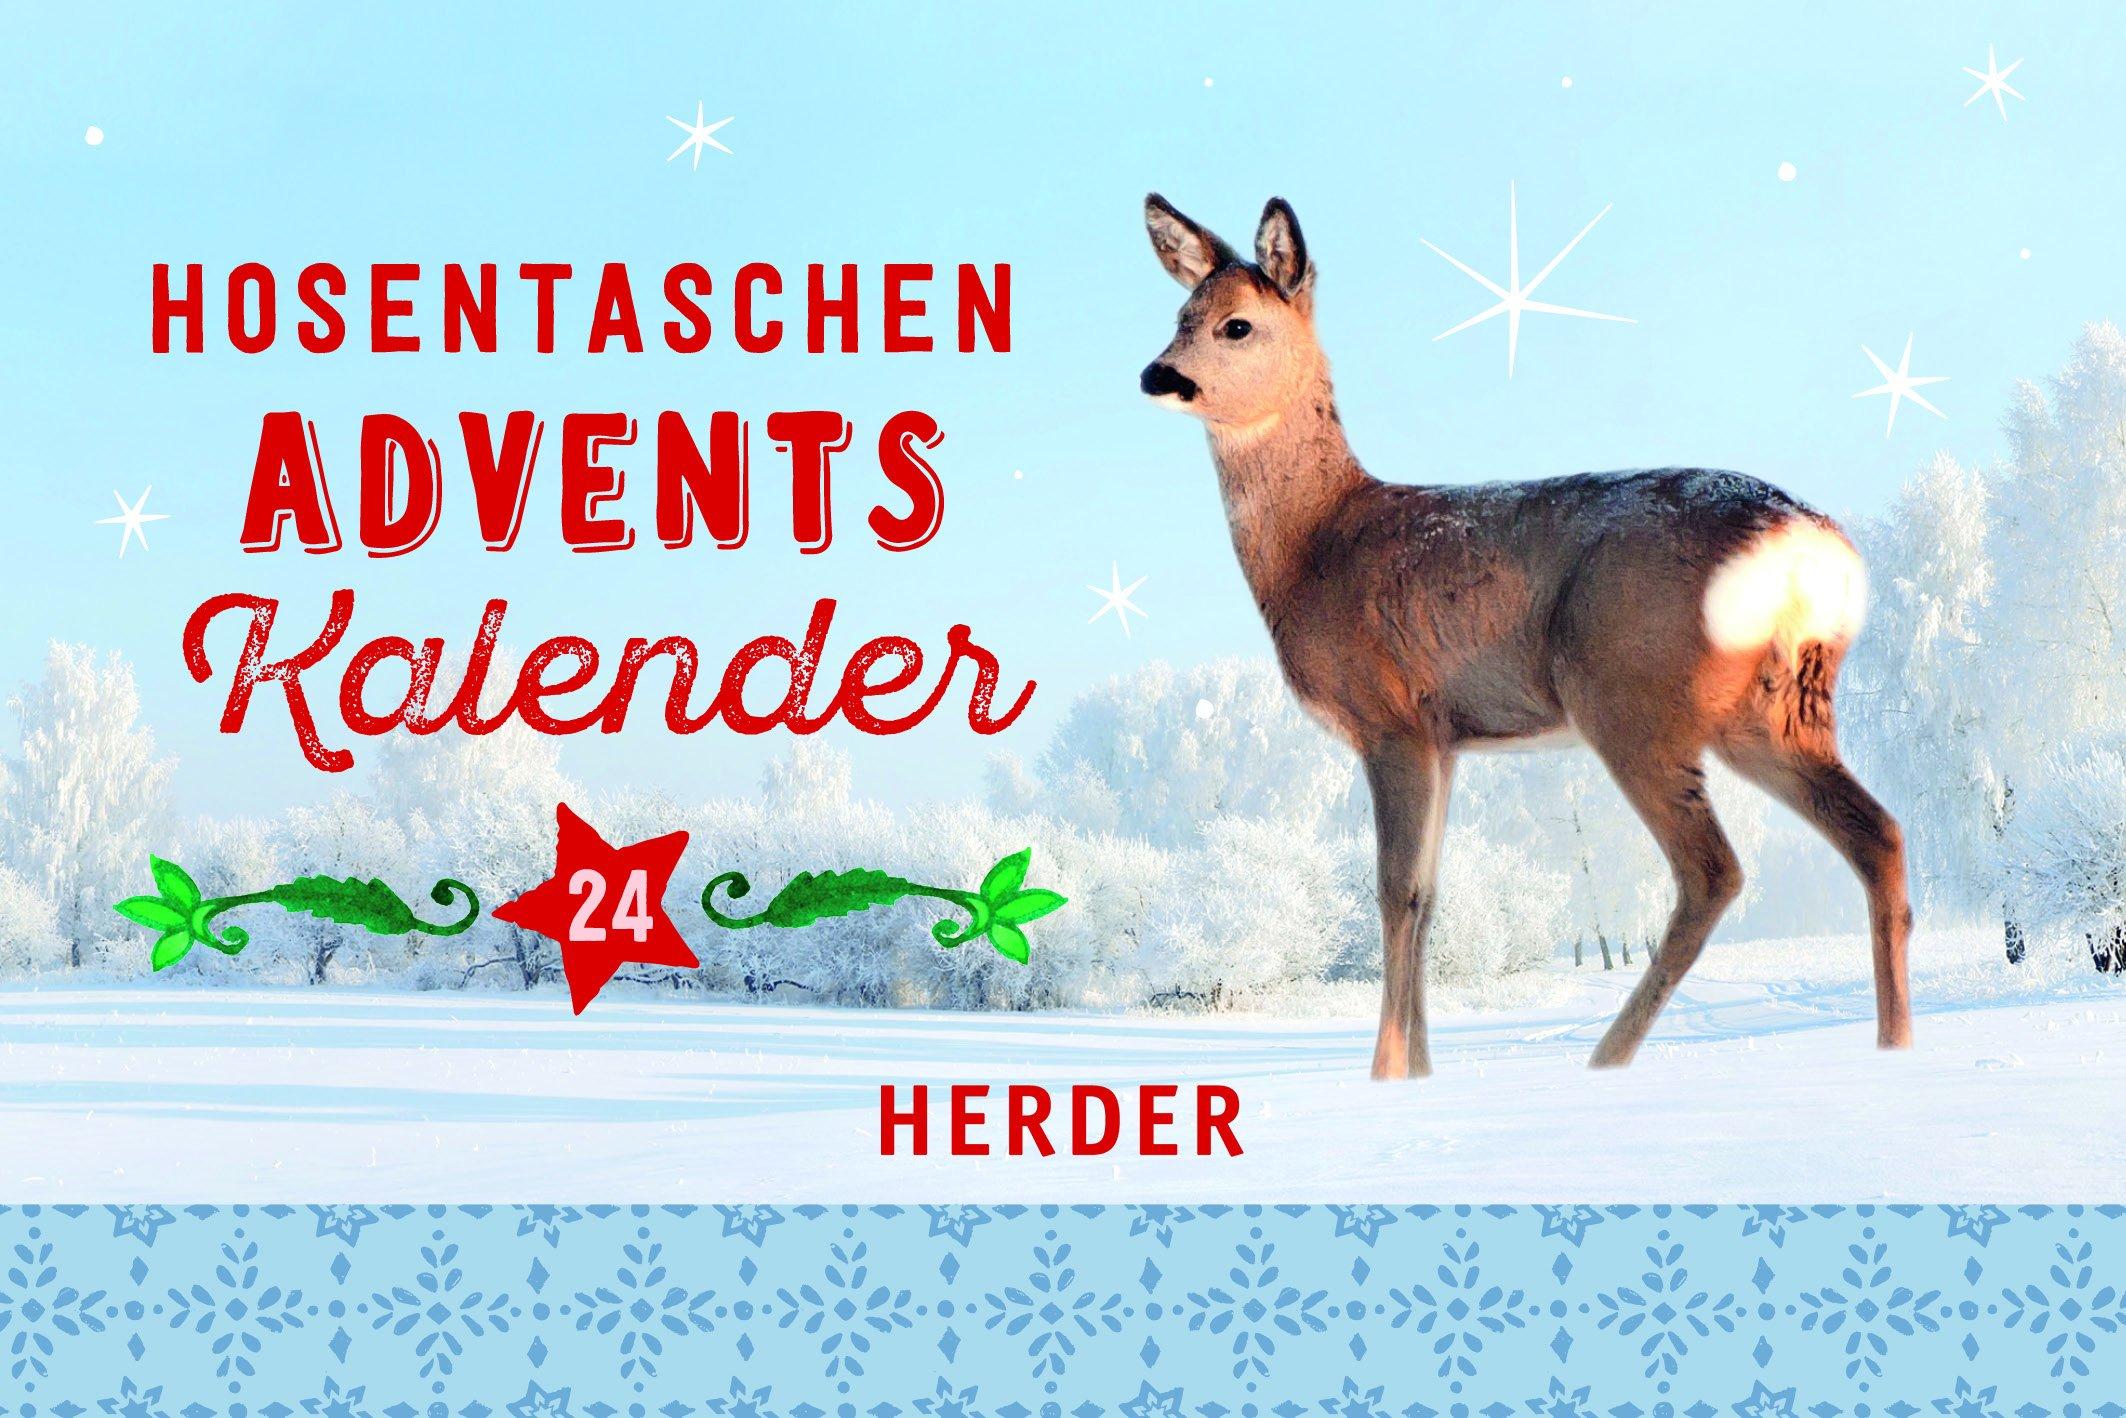 Hosentaschenadventskalender 2018 Kalender – Taschenkalender, 17. September 2018 Verlag Herder 3451381613 Weihnachten Geschenkband